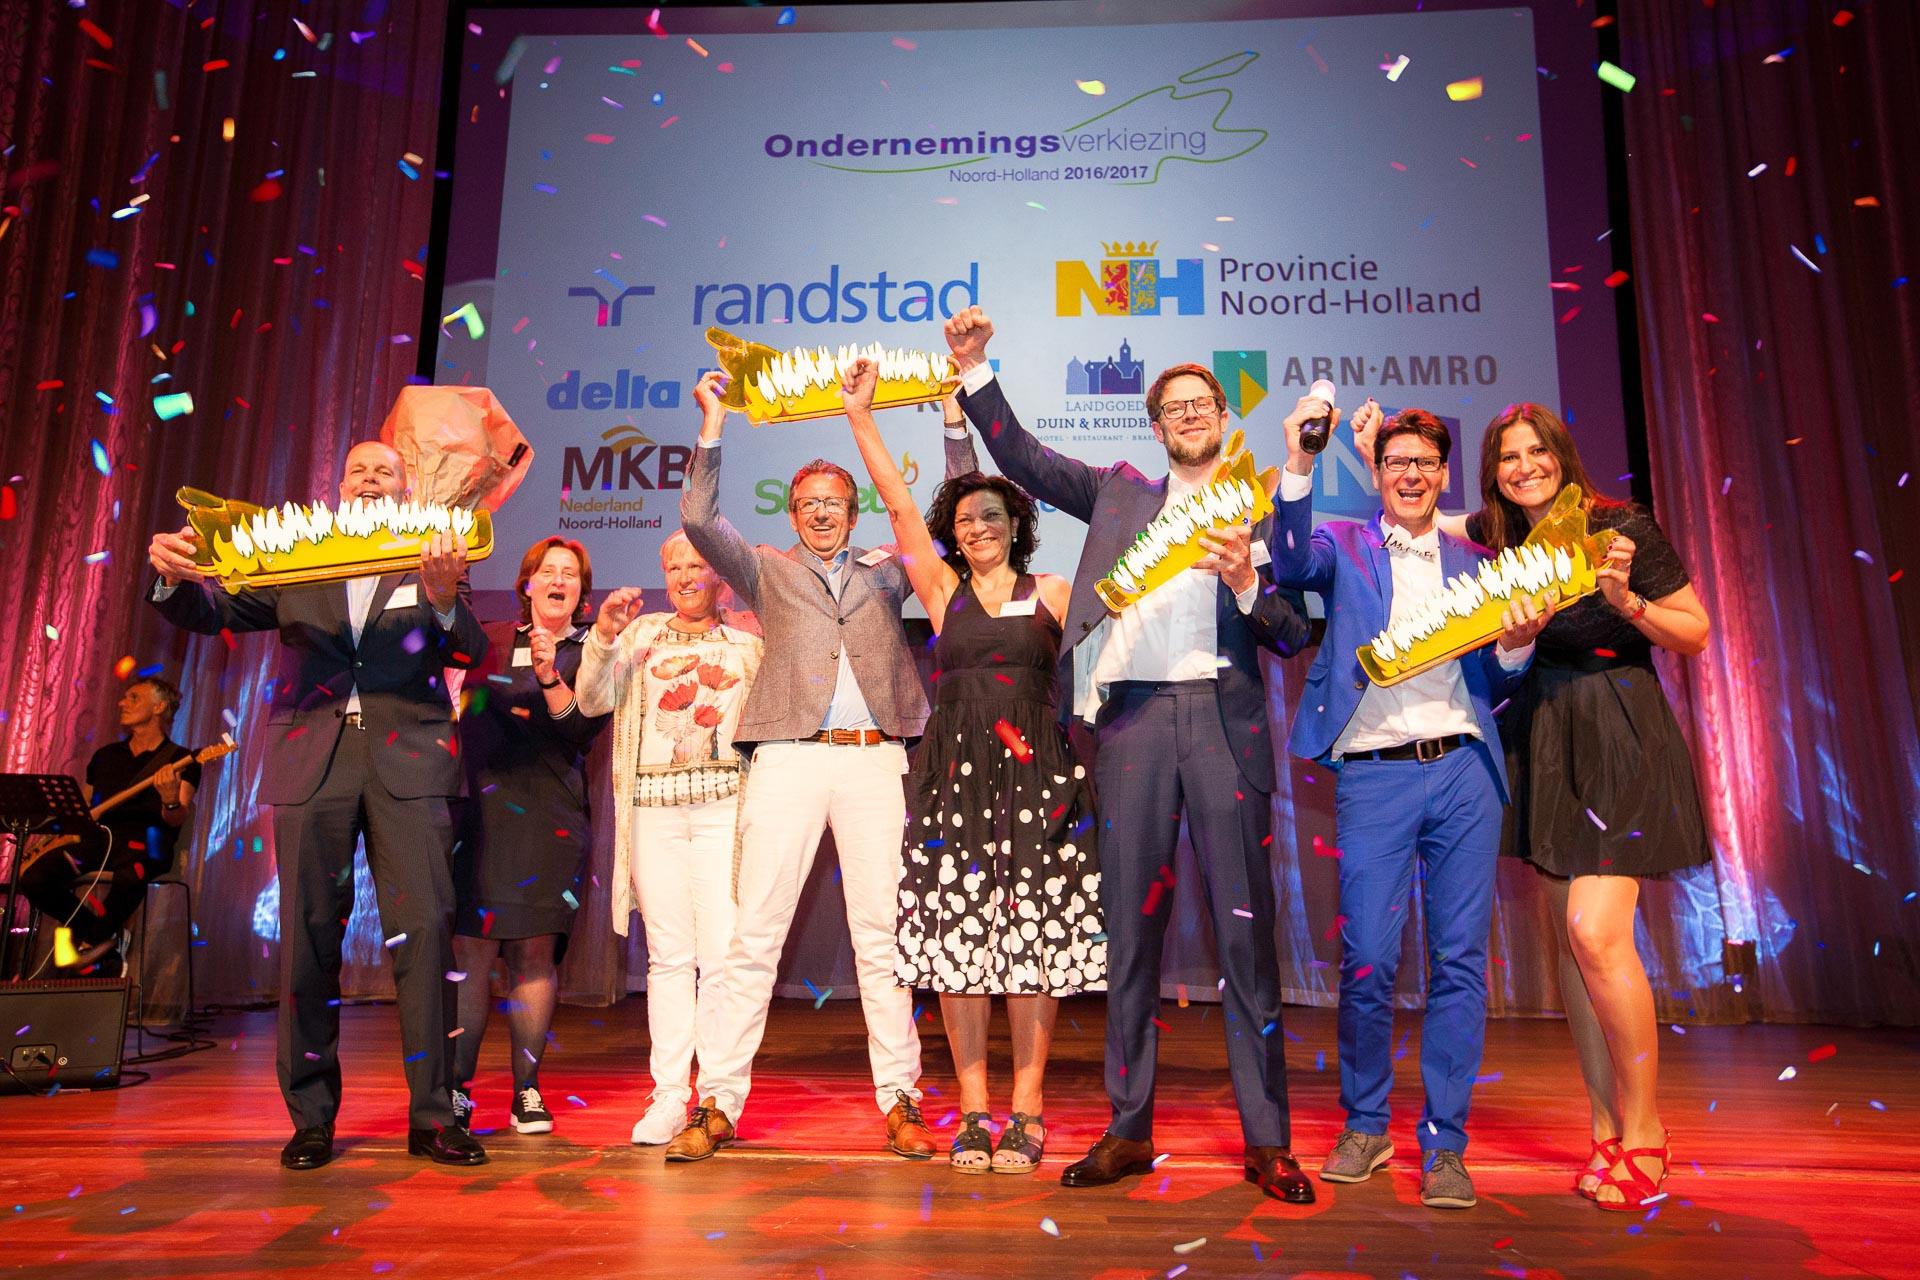 Winnaars van de Ondernemingsverkiezing Noord-Holland